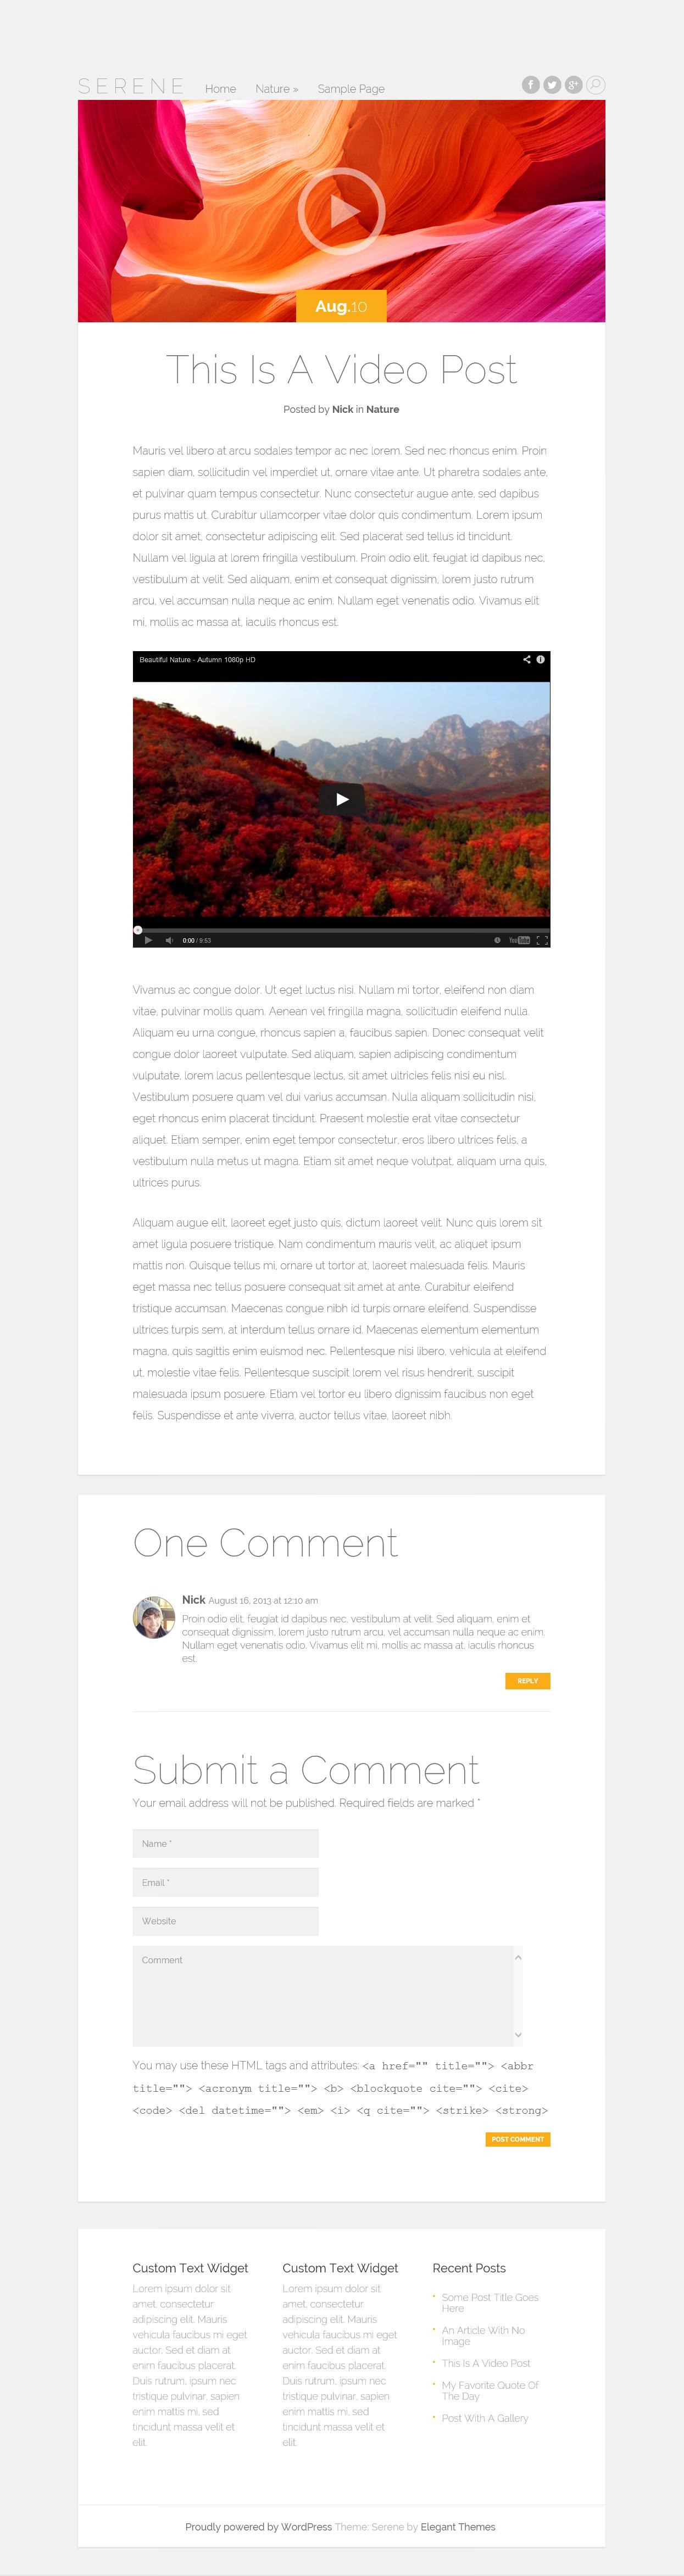 Serene - элегантная тема с адаптивным дизайном для личного блога (3)